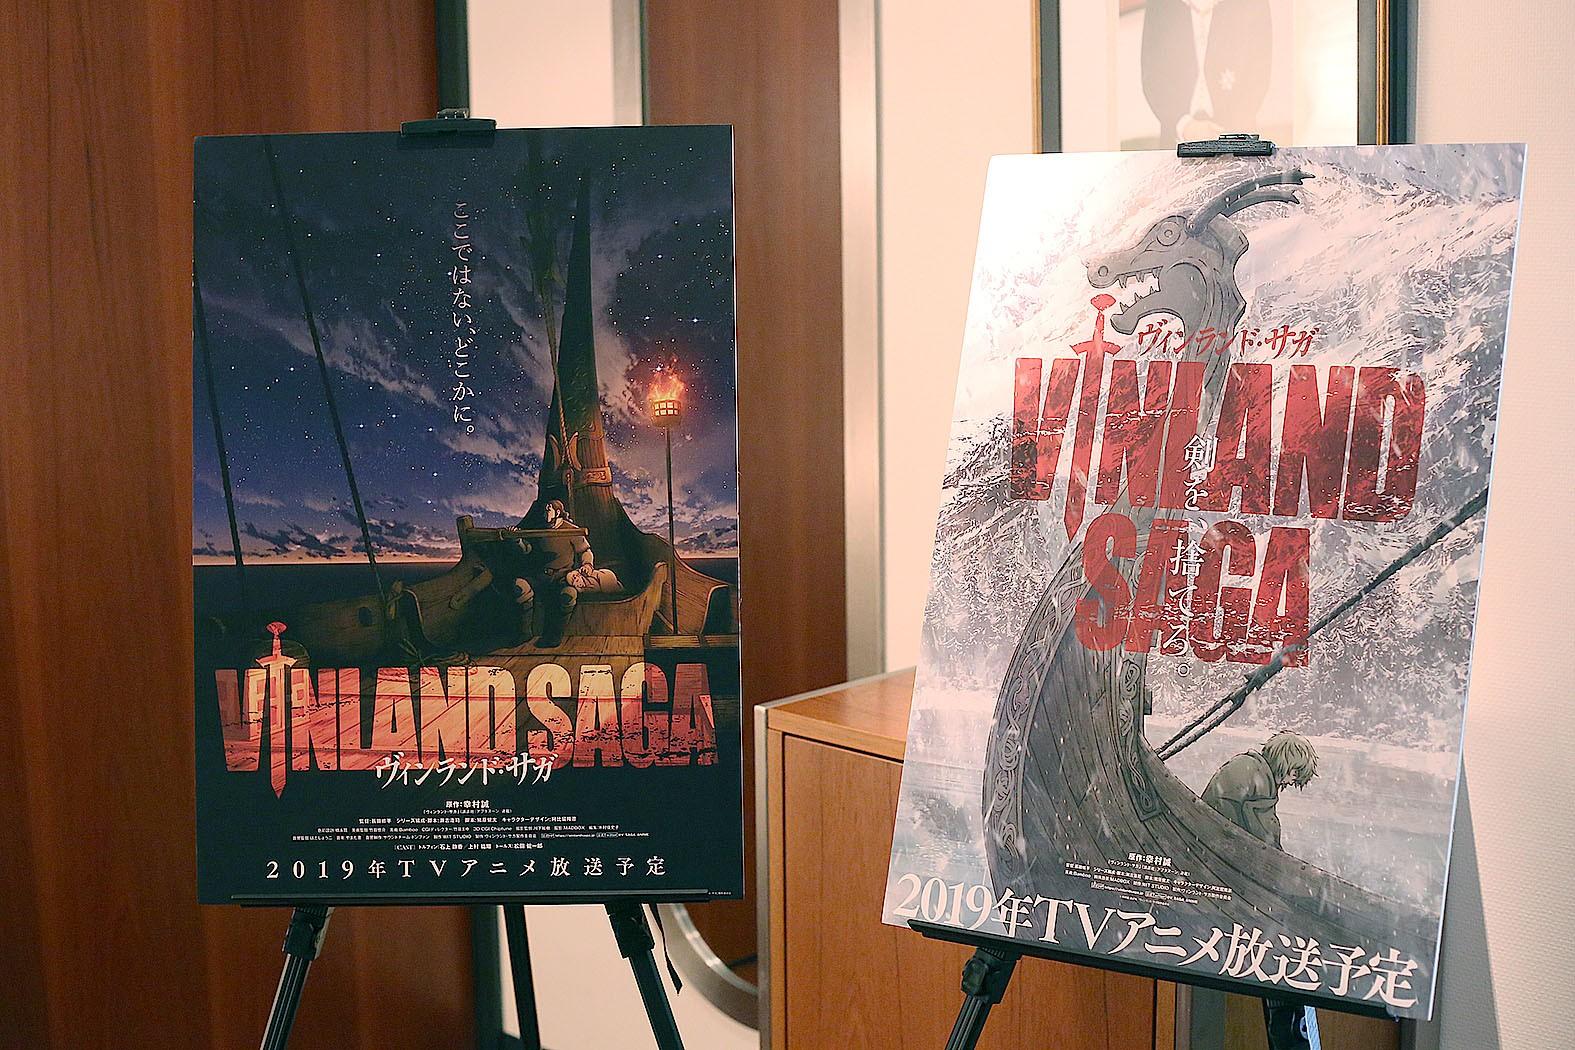 どこ ヴィン ランド トルフィンって実在したの?『ヴィンランド・サガ』は本当にあった話?